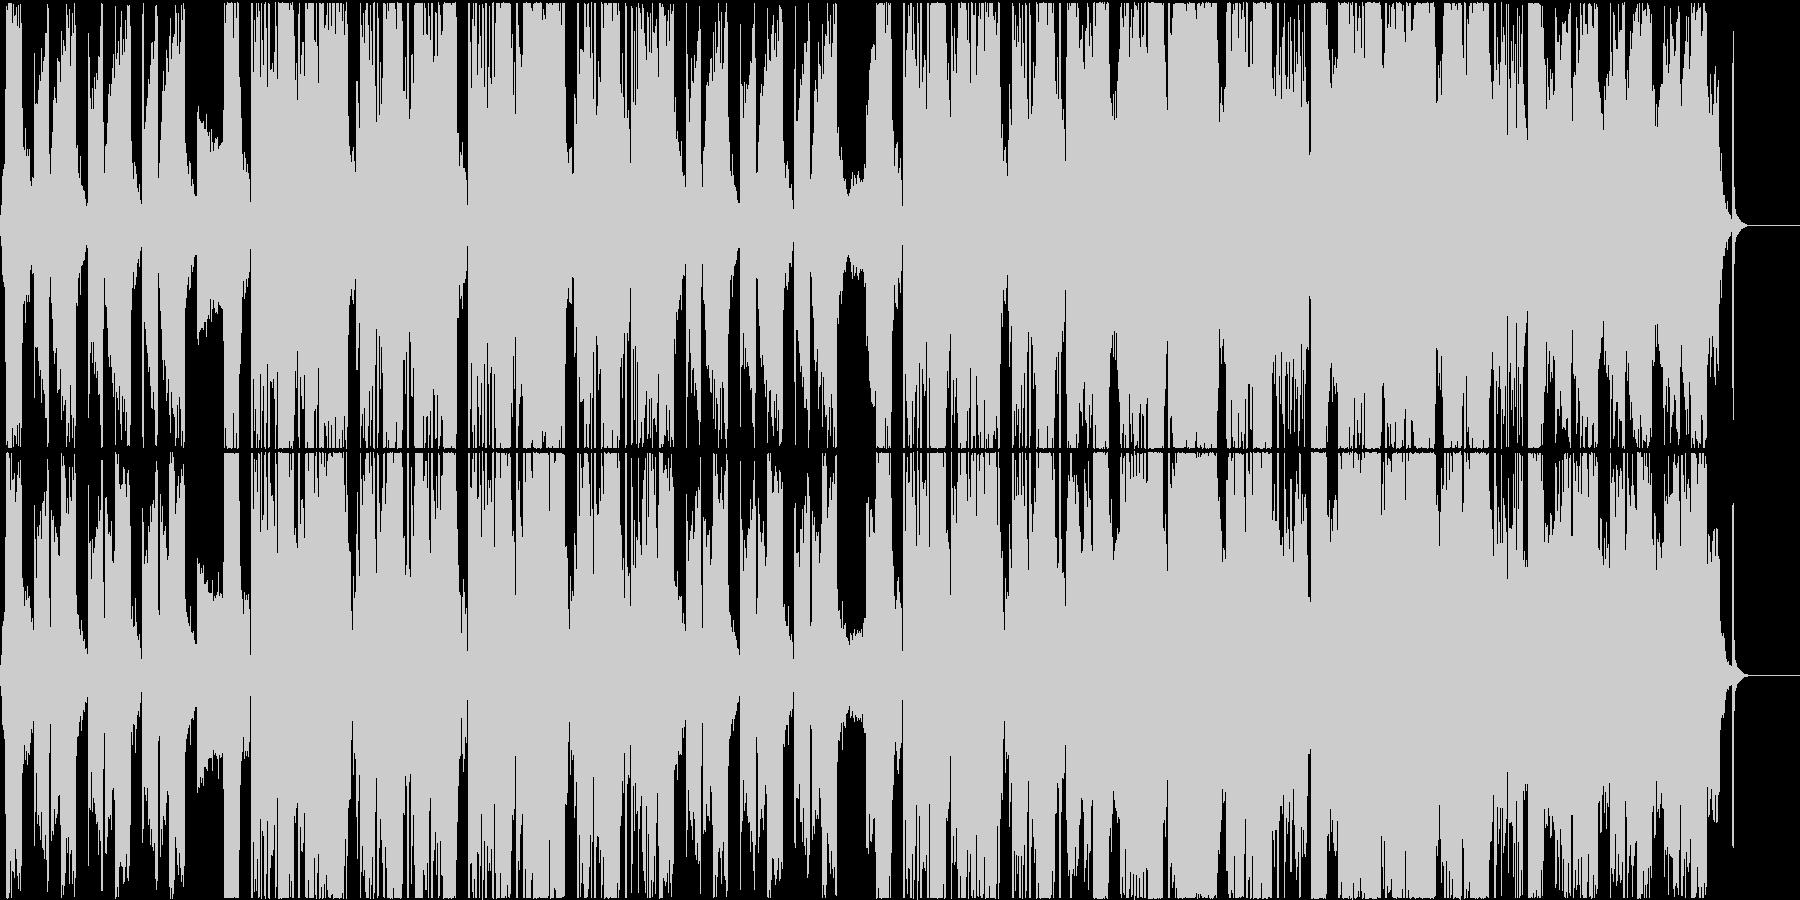 情緒的なコーラスのヒップホップ CM等にの未再生の波形